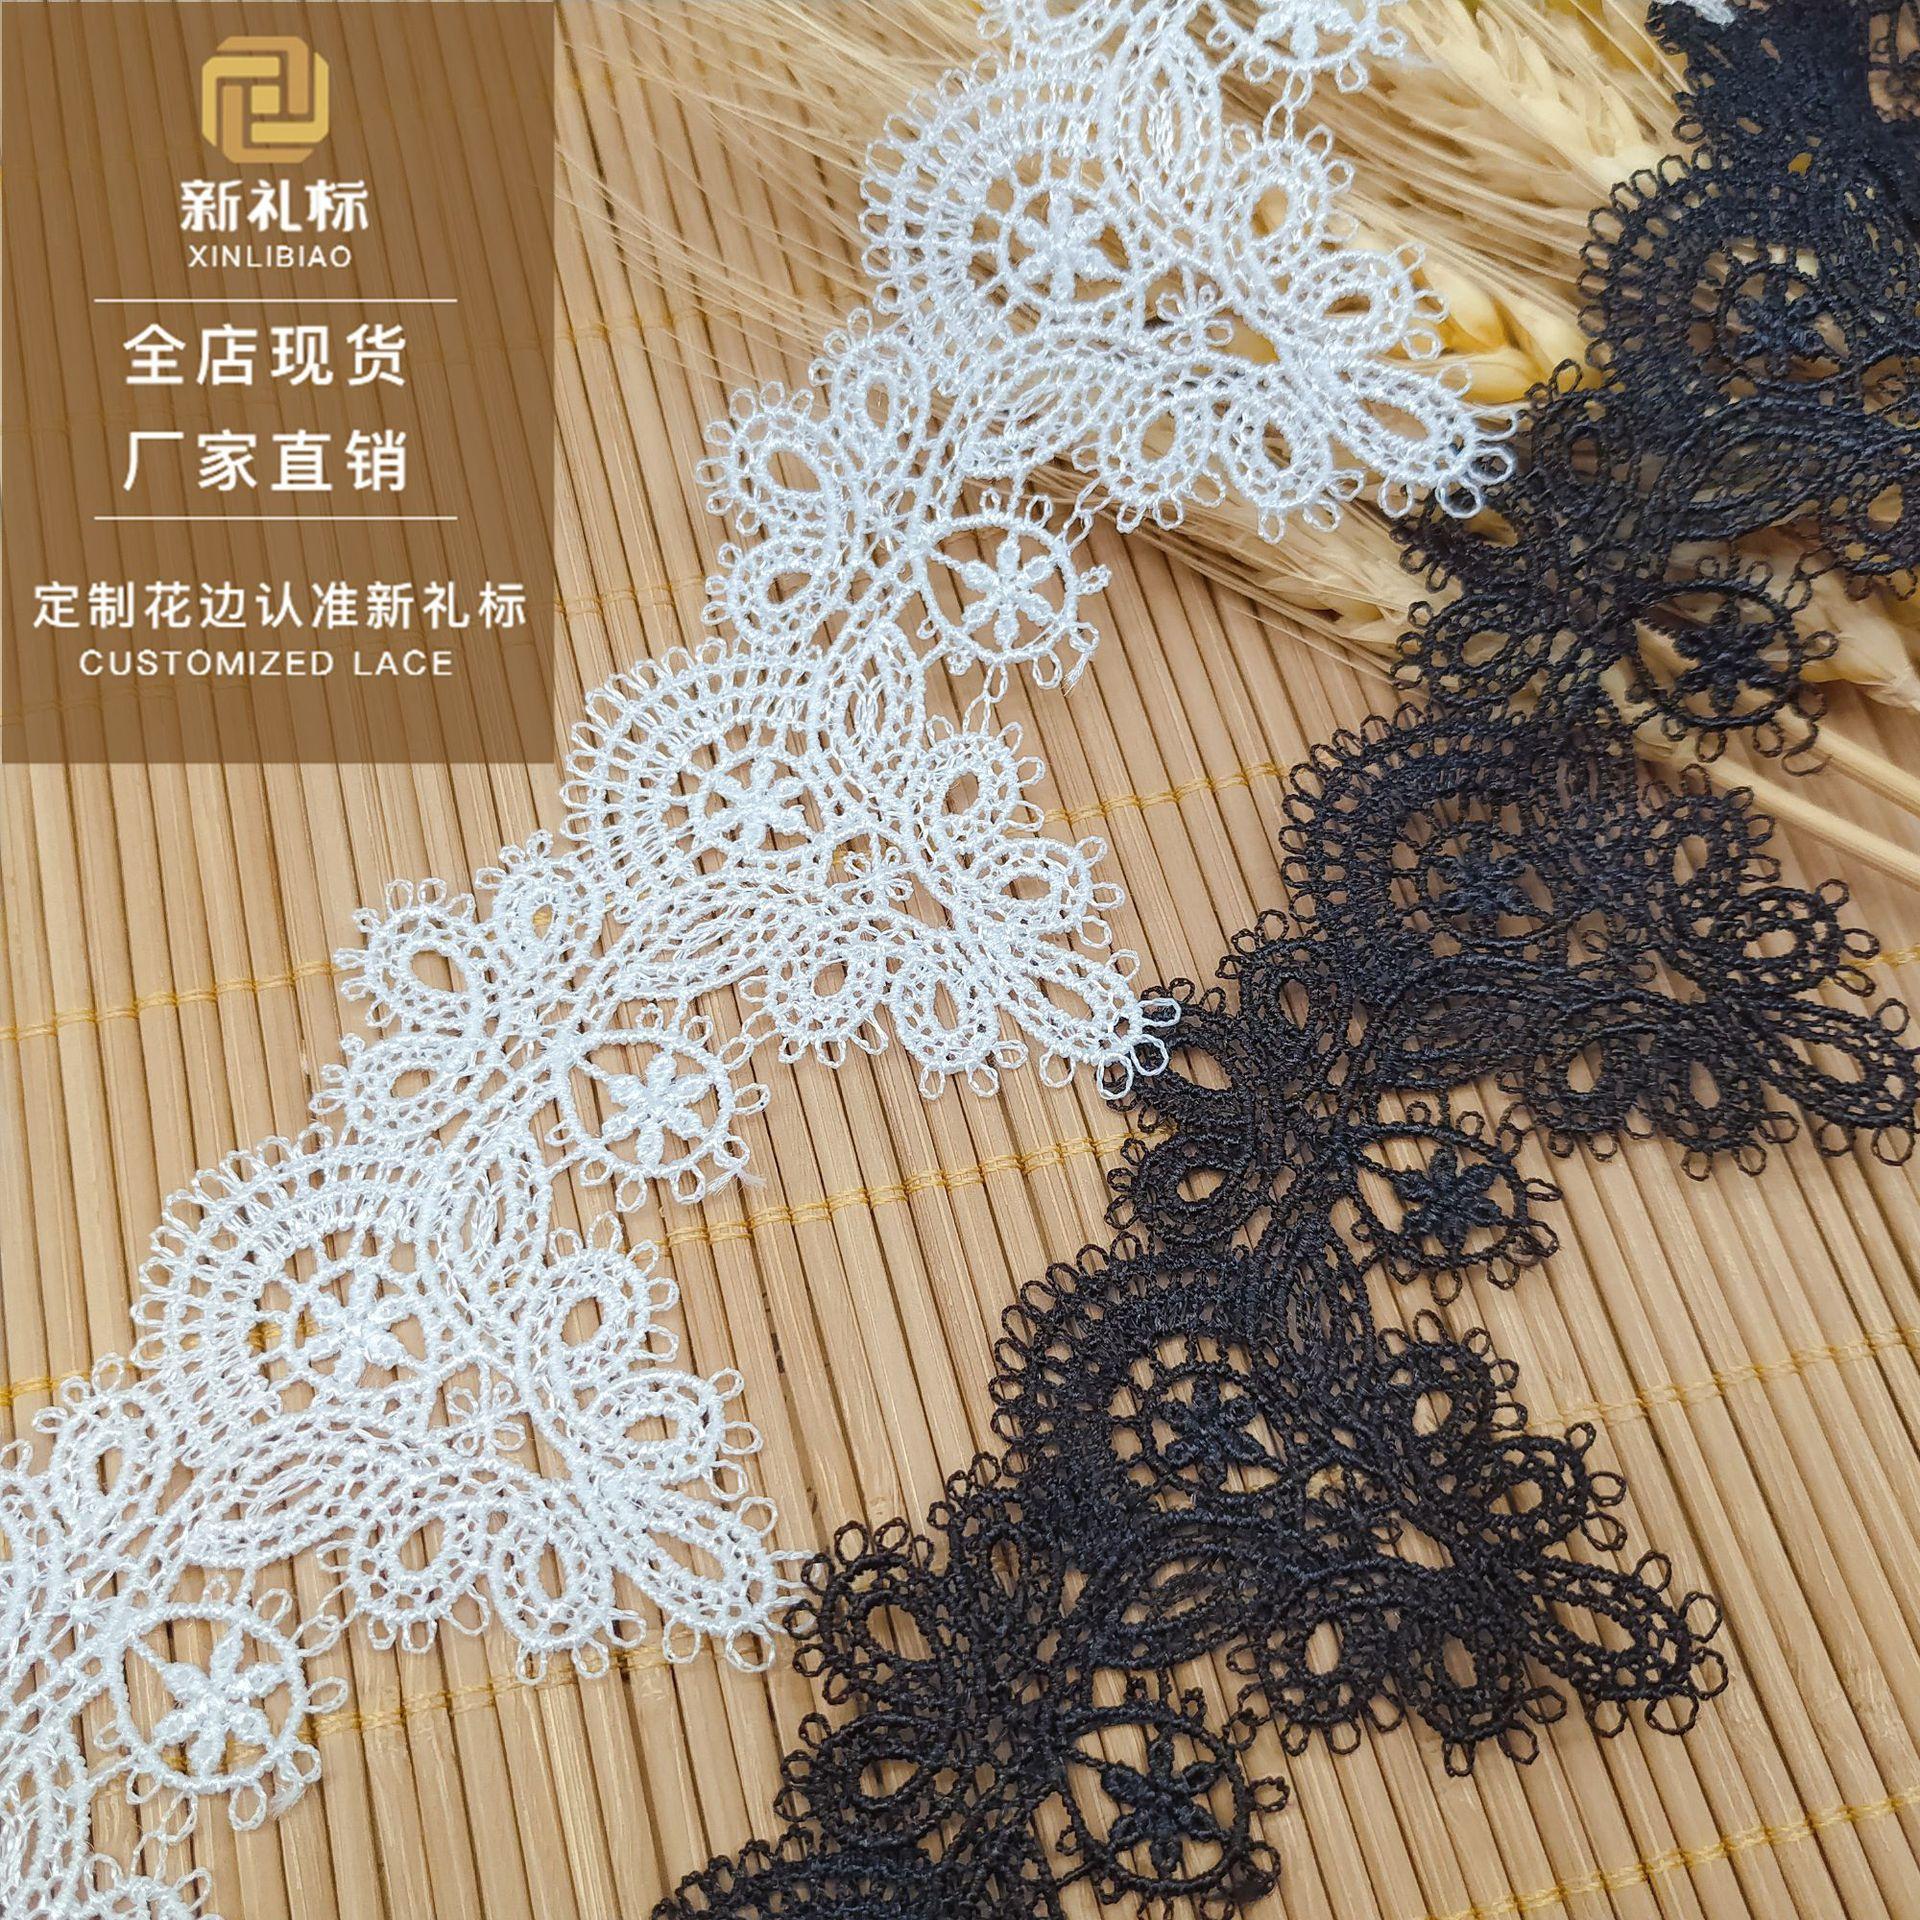 XINLIBIAO ren viền Quần áo phụ kiện DIY hòa tan trong nước ren polyester mã vạch ánh sáng tinh tế Ch